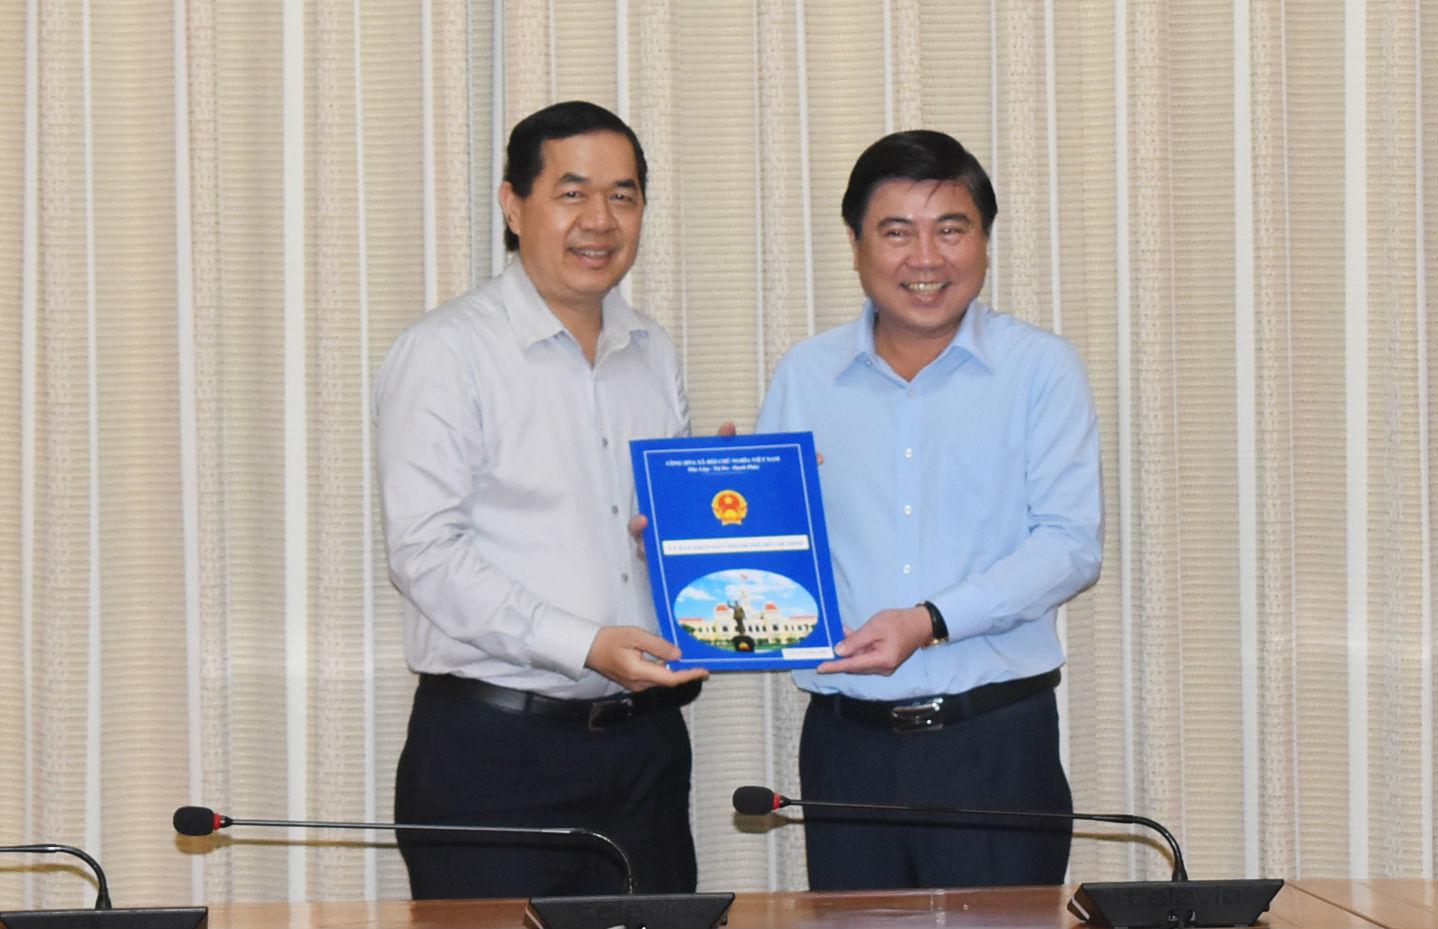 Giám đốc Sở Kế hoạch và Đầu tư TP.HCM được điều về Thành ủy